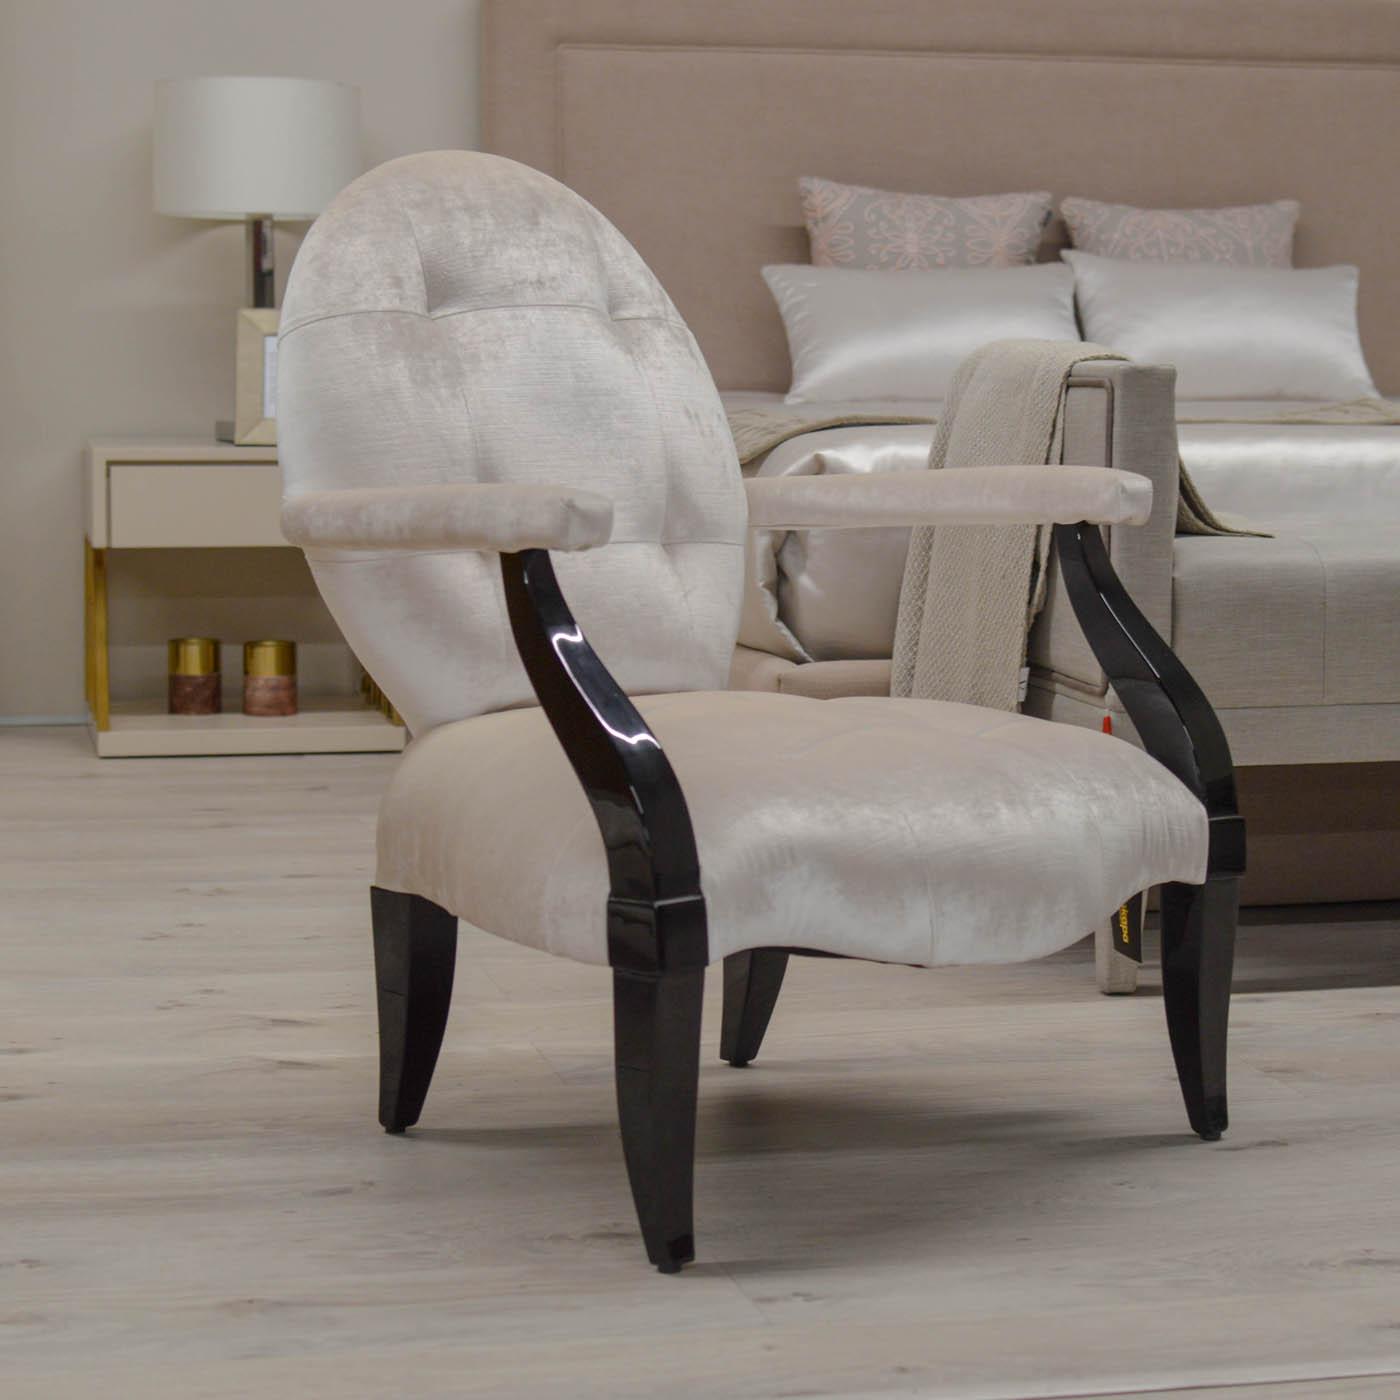 cadeirao chill - promoçoes escaldantes -domkapa